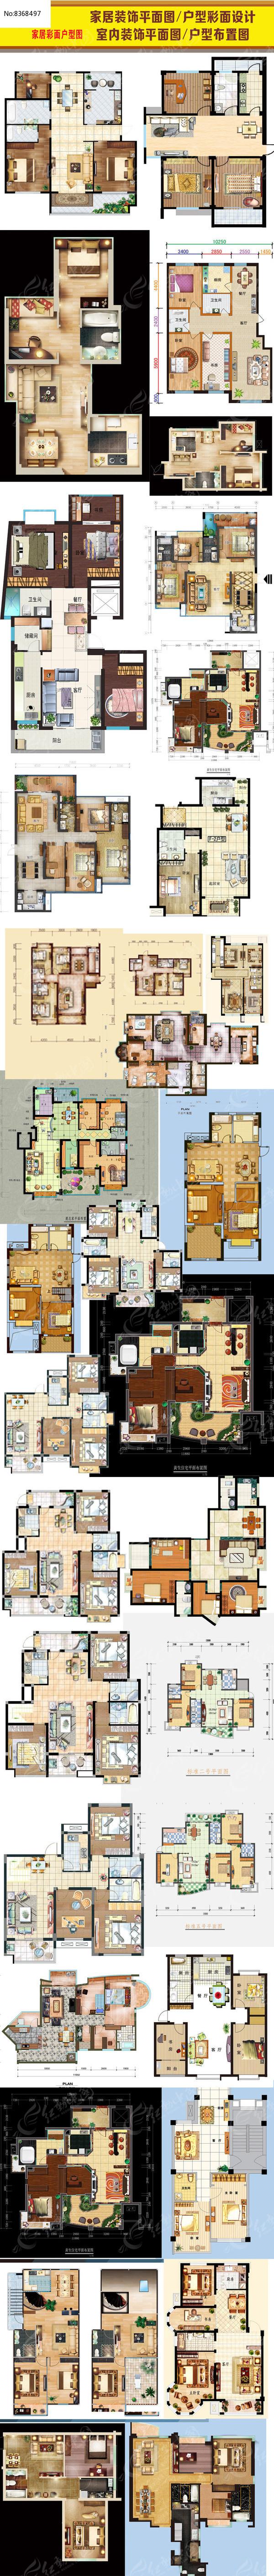 家居装饰平面图 户型彩面设计 图片